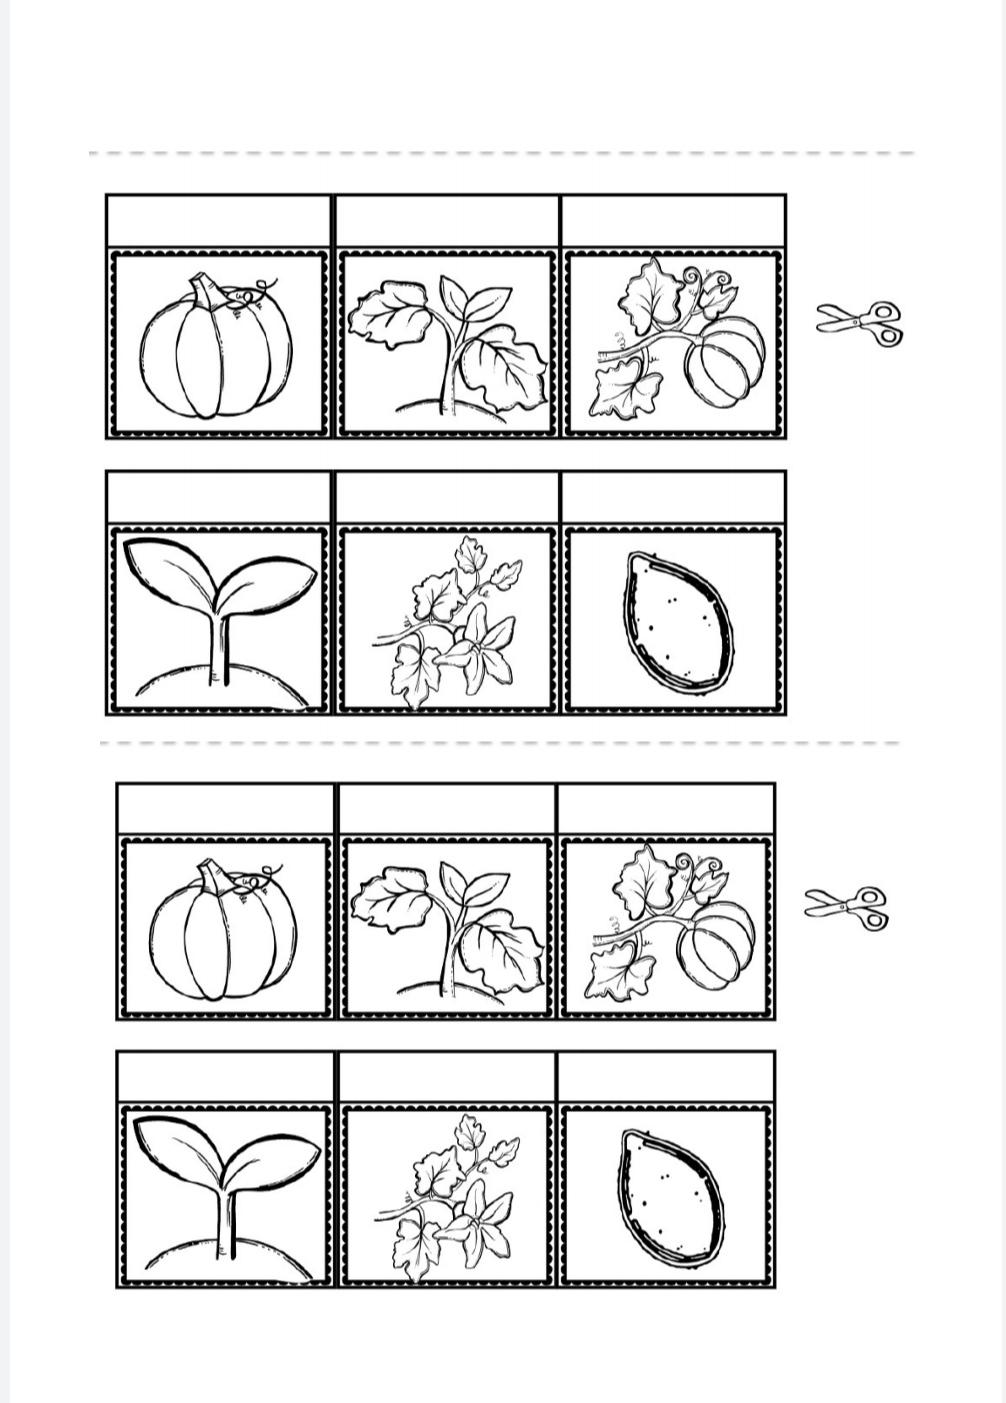 scheda didattica Ciclo vitale della zucca della maestra Pilly Pilly scienze matematica scuola primaria classe seconda